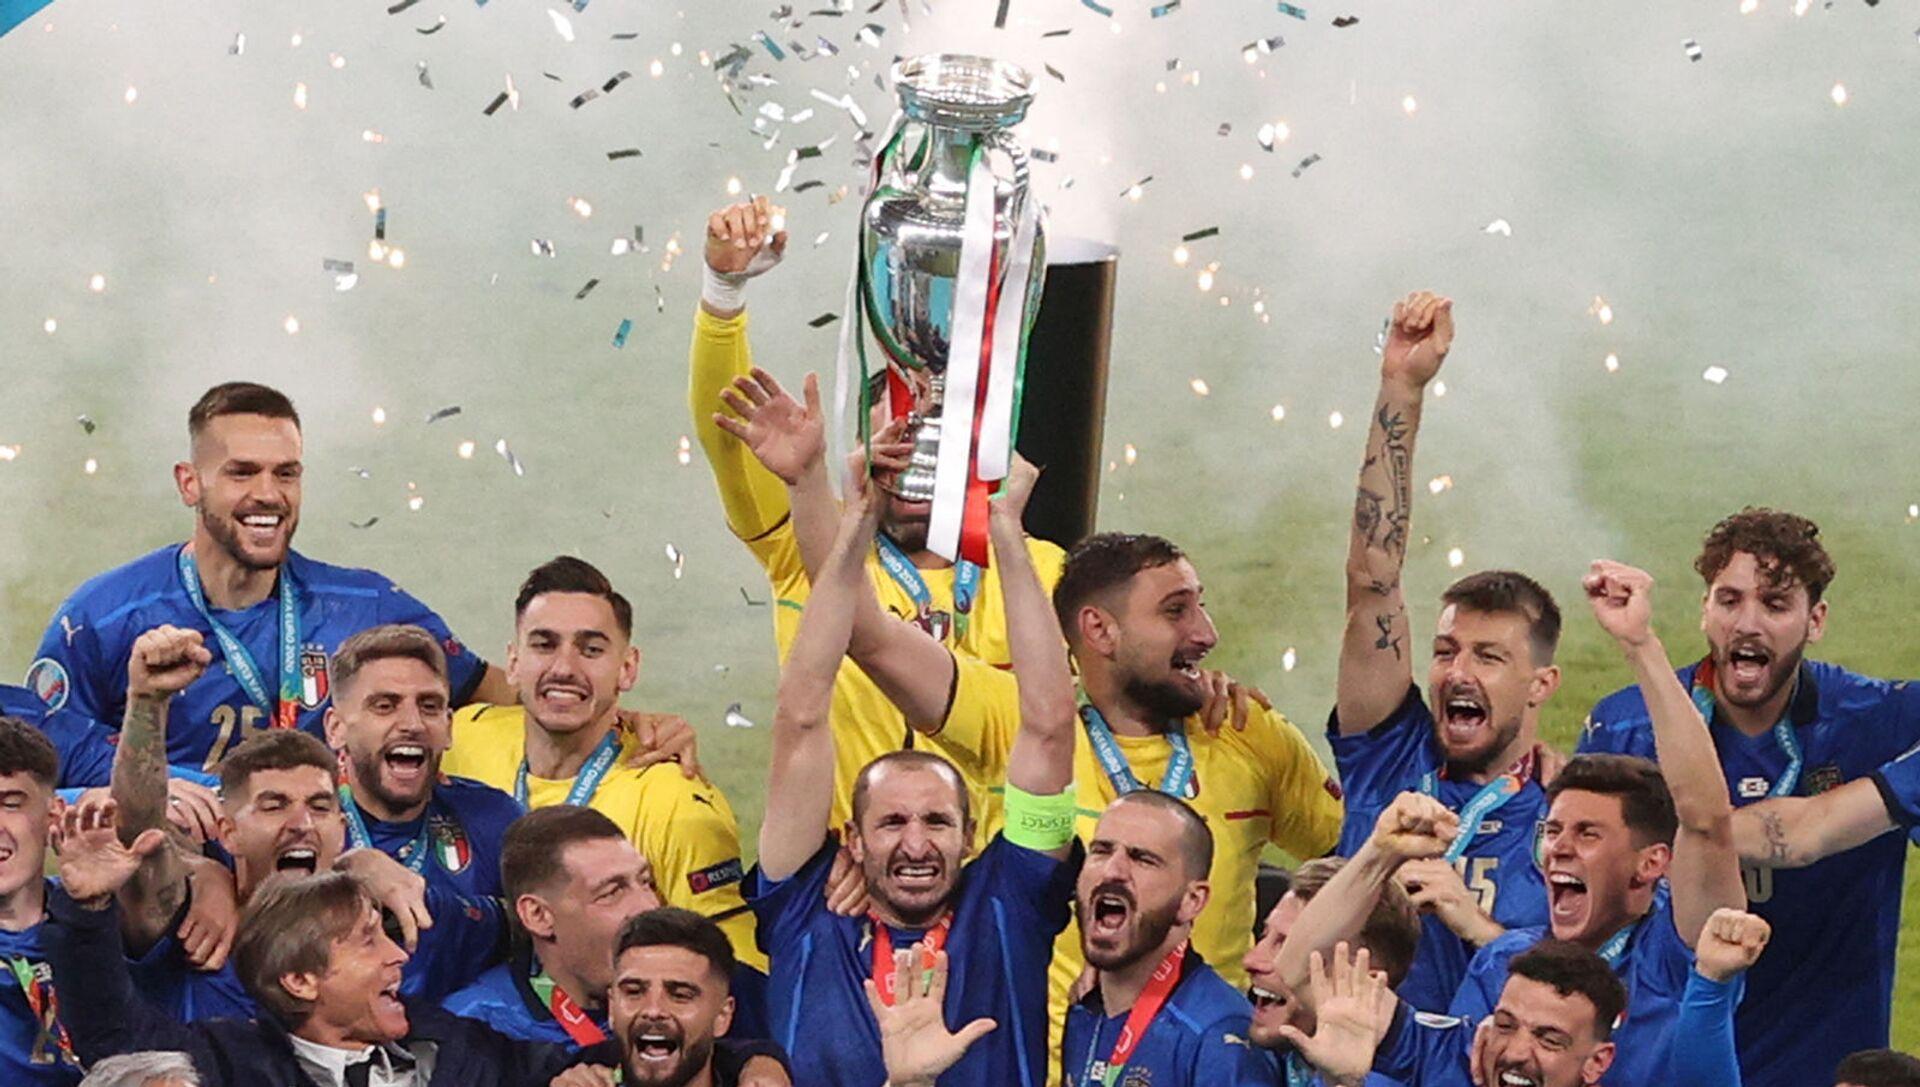 Hậu vệ Giorgio Chiellini của đội tuyển Ý giữ cúp vô địch châu Âu khi giành chiến thắng trong trận chung kết EURO 2020 giữa Ý và Anh trên sân vận động Wembley (ngày 12 tháng 7 năm 2021). London - Sputnik Việt Nam, 1920, 12.07.2021